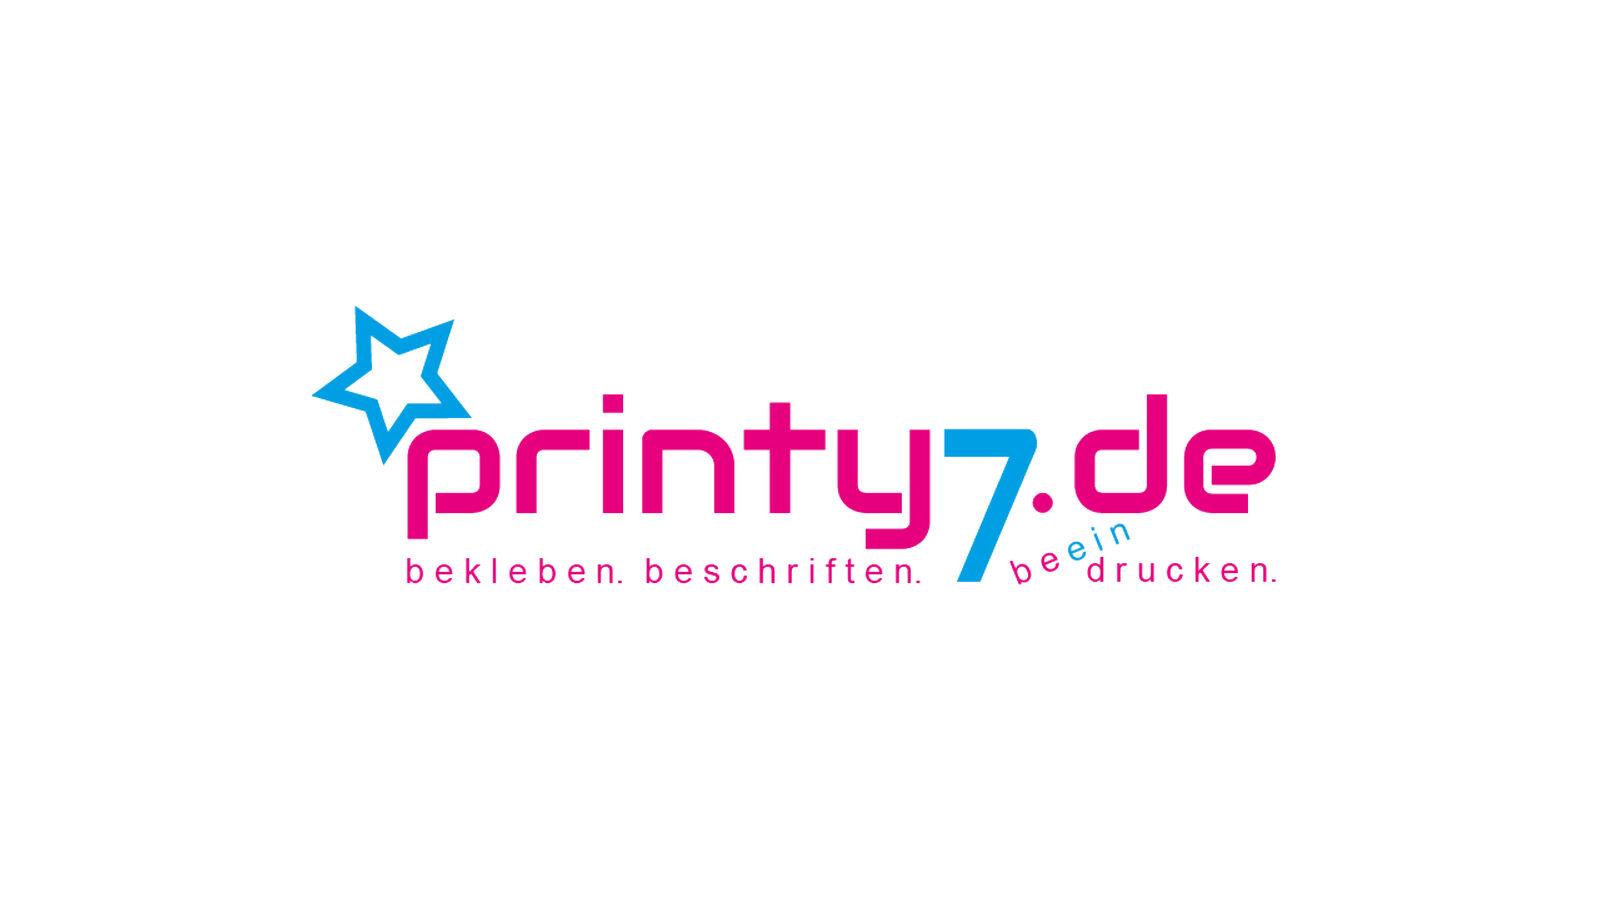 printy7-de